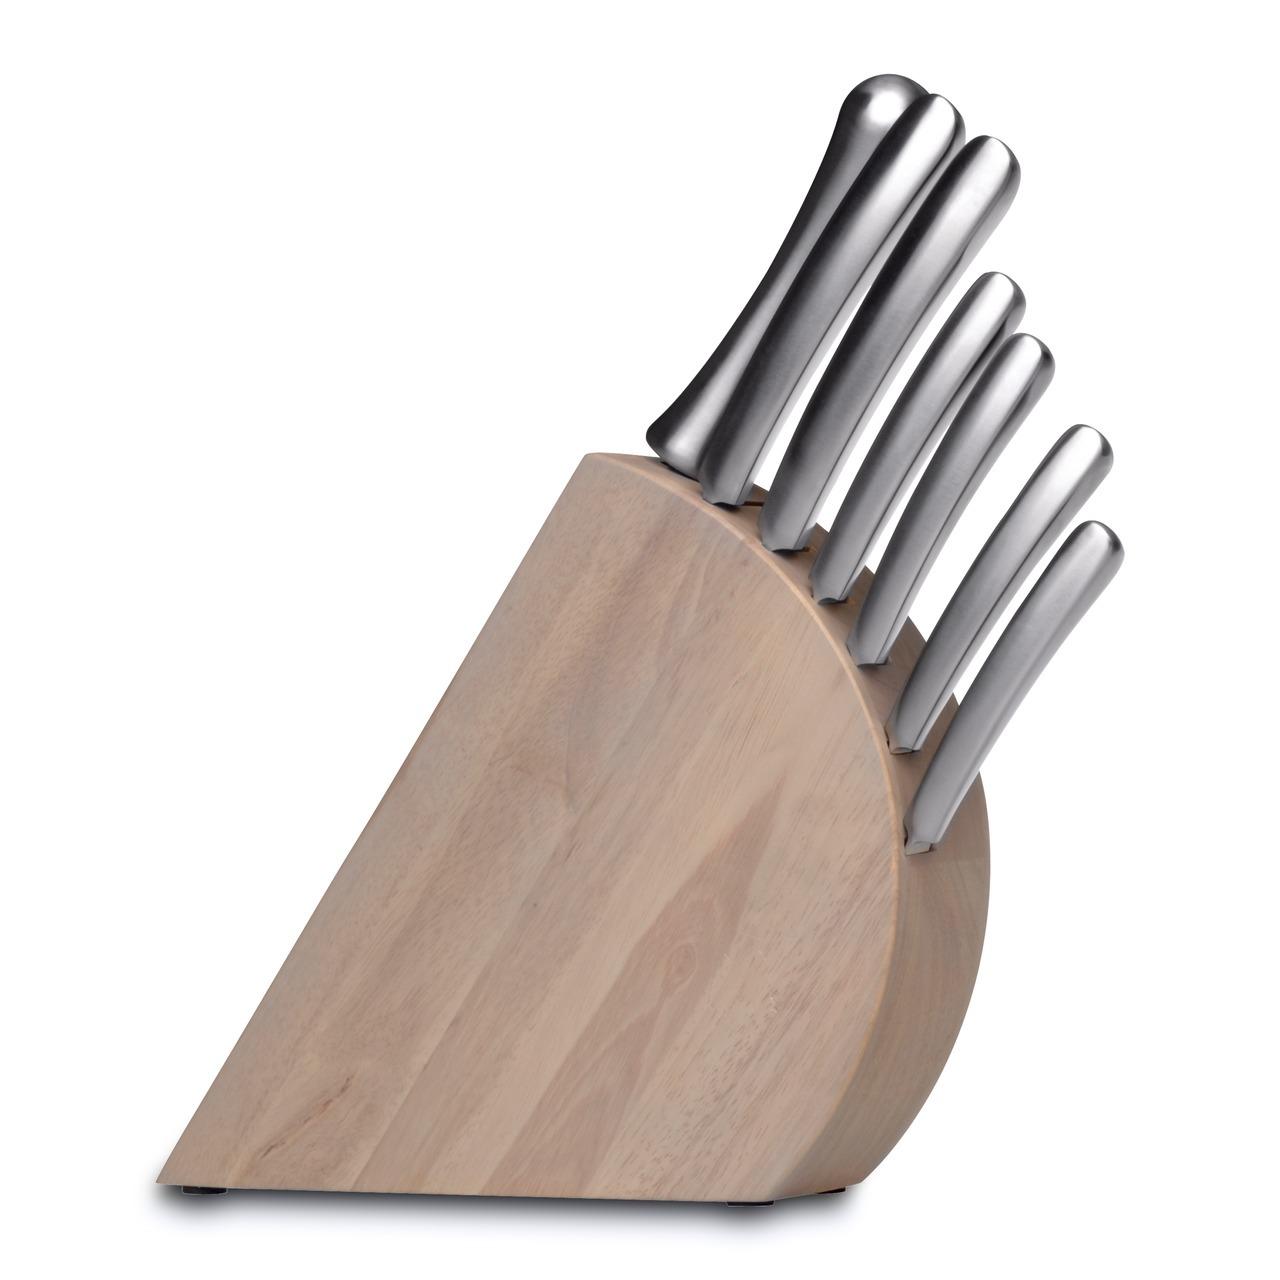 Набор ножей из 8 предметов BergHOFF Concavo 1308036Наборы однослойных ножей (от-2300руб.)<br>Набор ножей из 8 предметов BergHOFF Concavo 1308036<br><br>Состав набора:1x нож для очистки 6,5 cm1x универсальный нож 12 cm1x универсальный нож 15 cm1x нож для выемки костей 15 cm1x поварской нож 23 cm1x нож для хлеба 23 cm1x мусат 23 cm1x деревянная колода<br><br>Универсальный набор ножей для всех кулинарных задач. Жароустойчива и пригодна для микроволновых печей. Нож для очистки имеет заостренную верхнюю часть кромки, изгибающуюся вниз при прямом лезвии. Используйте его для очистки овощей и фруктов, для удаления испорченных частей и нарезки декоративных украшений. Универсальный нож идеален для всех нарезочных работ, требующих точности. Нож для выемки костей имеет тонкое гибкое лезвие, которое позволяет ему работать в узких местах. Поварской нож - самый используемый на кухне. Загнутое кверху лезвие позволяет раскачивать нож во время нарезки на разделочной доске. Благодаря широкому и тяжелому лезвию также подходит для легких разрубочных работ.Нож для хлеба - большой нож с зубчатым лезвием. Используется для нарезания продуктов, твердых снаружи и мягких внутри, таких как хлеб и другая выпечка. Также может использоваться для нарезания томатов. Острый нож безопасней, поскольку не нужно применять силу для нарезки. Это необходимый инструмент, чтобы сохранять ваши ножи острыми.<br>Официальный продавец BergHOFF<br>